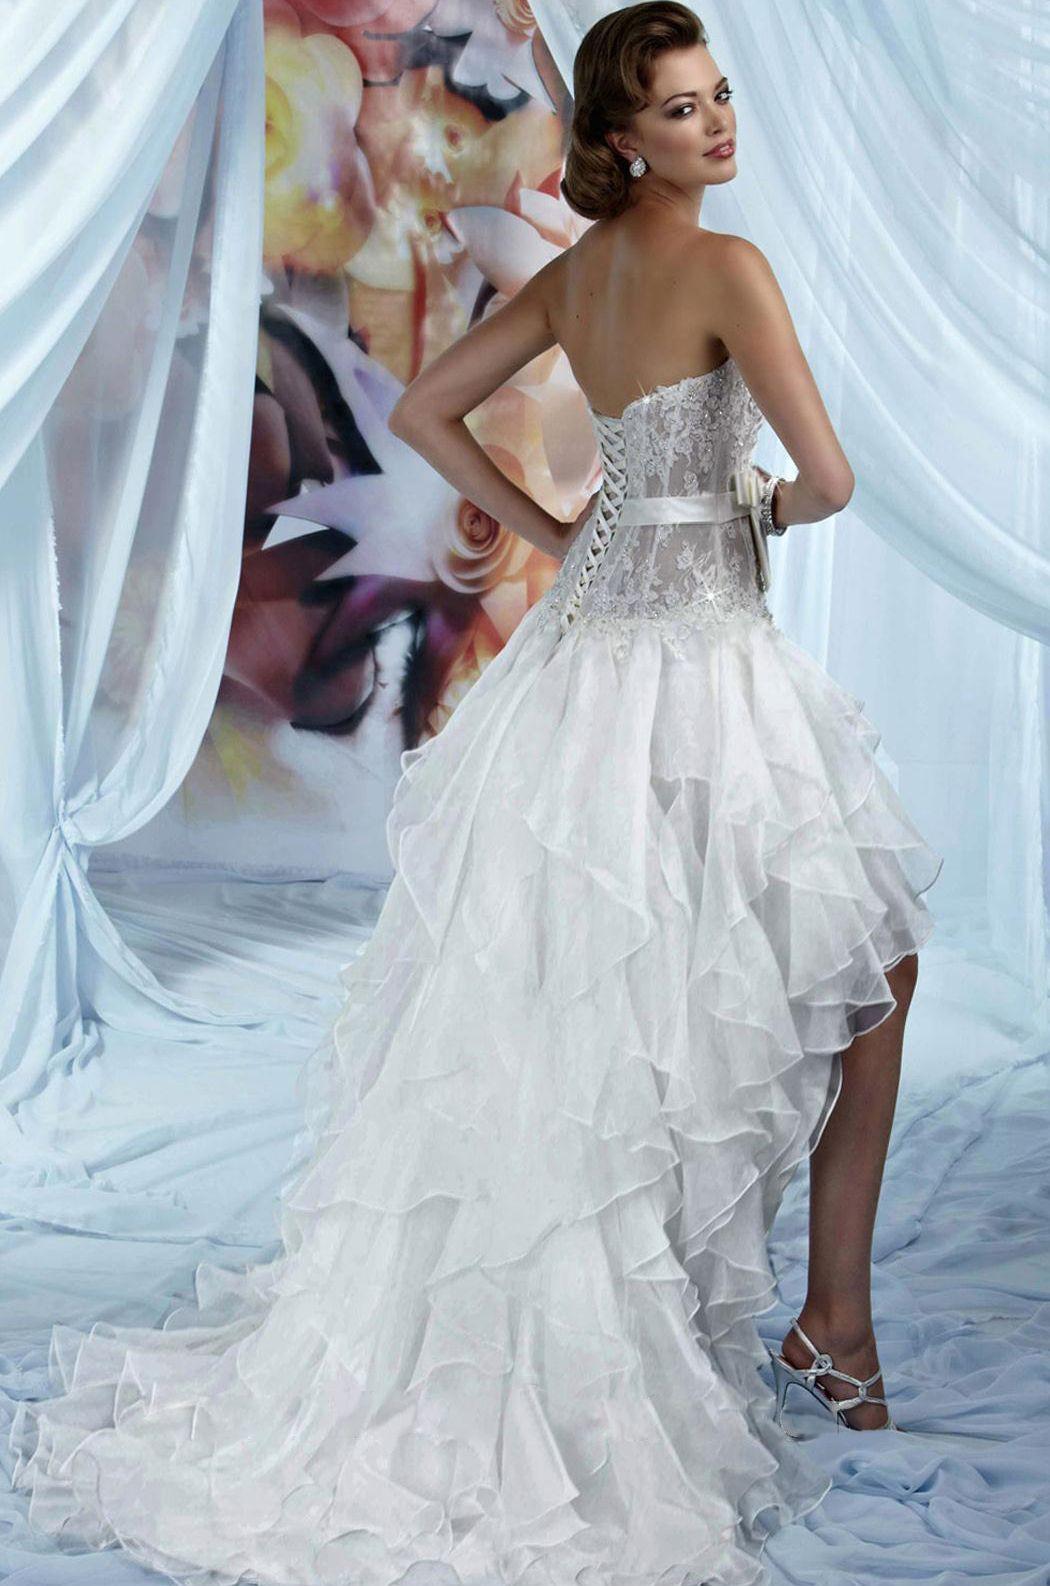 Strapless BustierStyle Wedding Dress